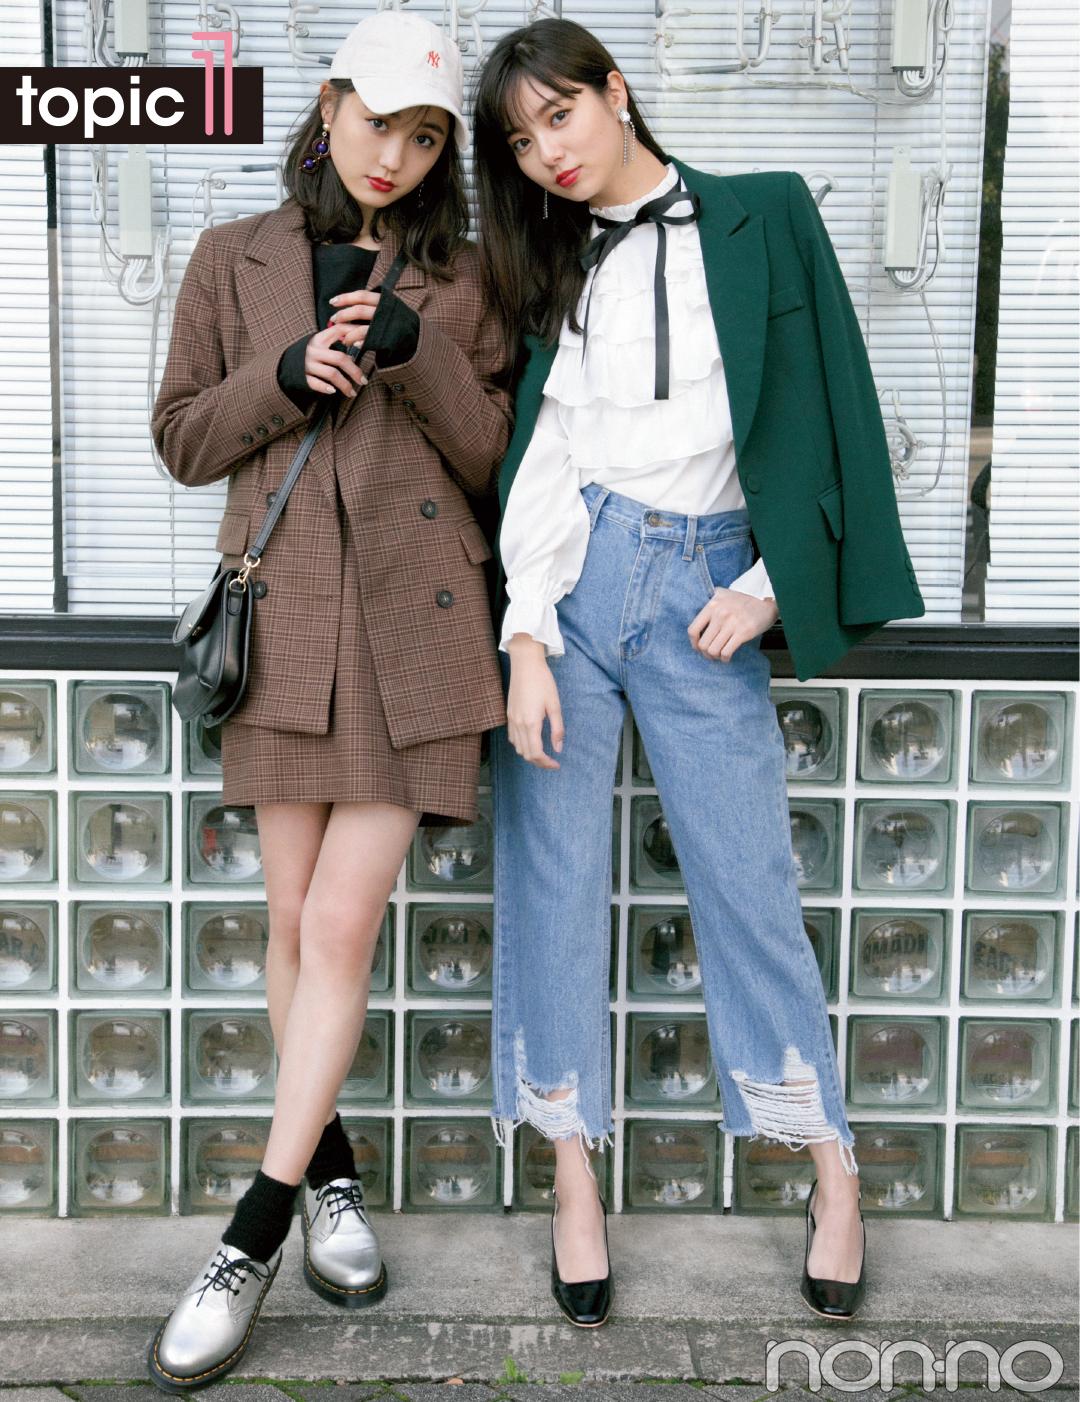 818d4a4c9763 ワイドパンツや膝丈スカートを合わせるコーデが主流。ゆる&ゆるのバランスに飽きてきた子には、メリハリのある韓国っぽいスタイリングがハマるかも♡